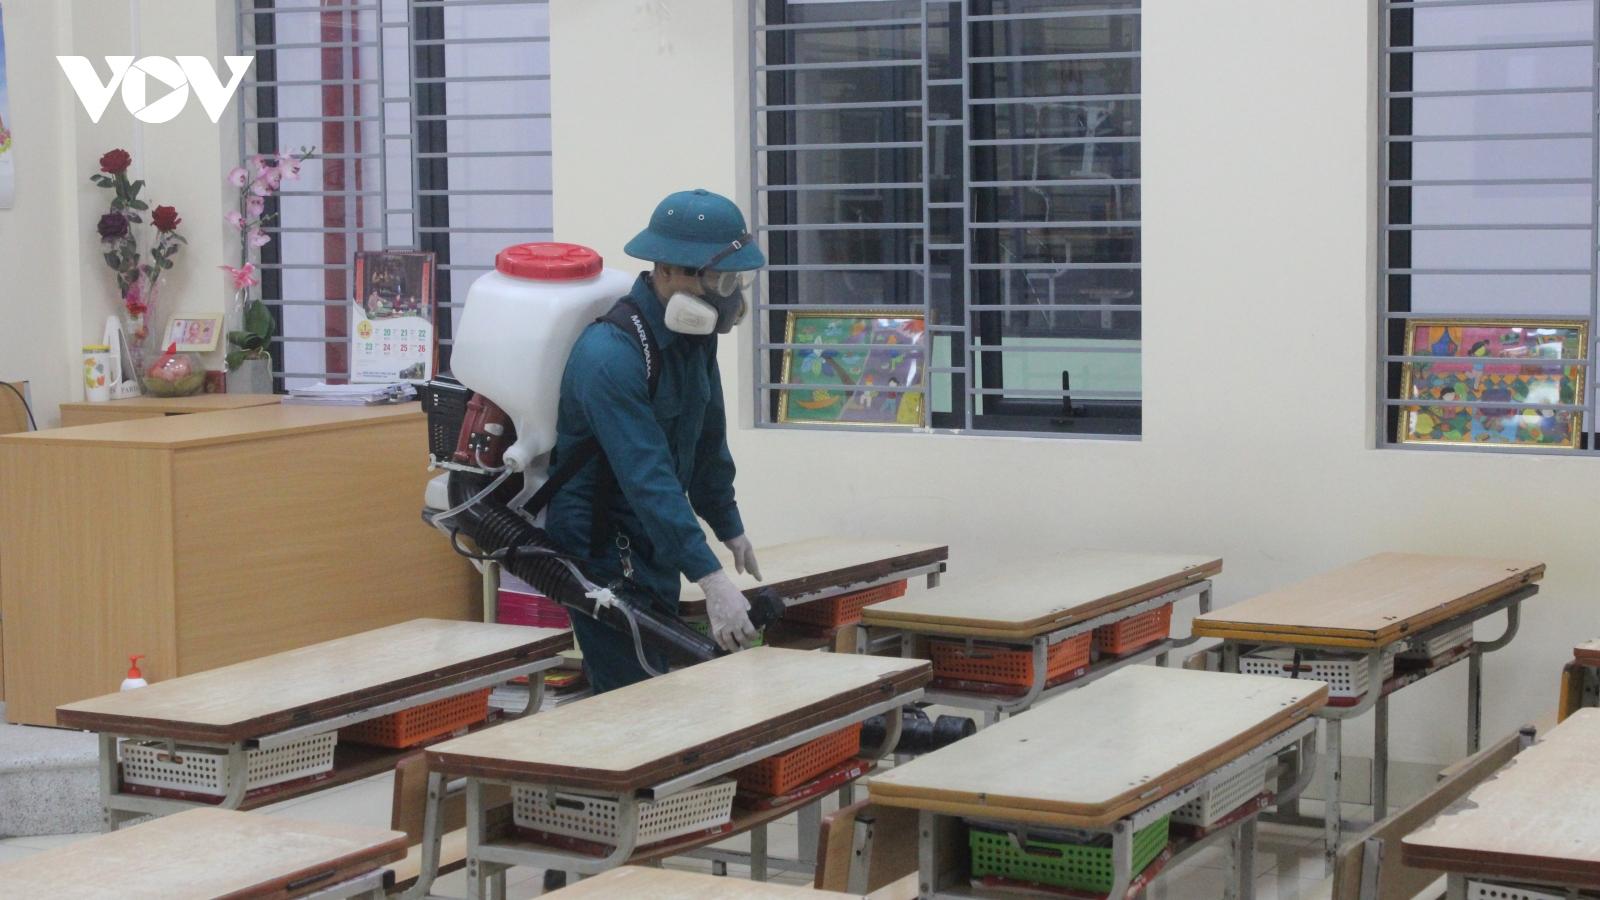 Phụ huynh nhiễm SARS-CoV-2, Tiểu học Xuân Phương khẩn cấp thông báo nghỉ